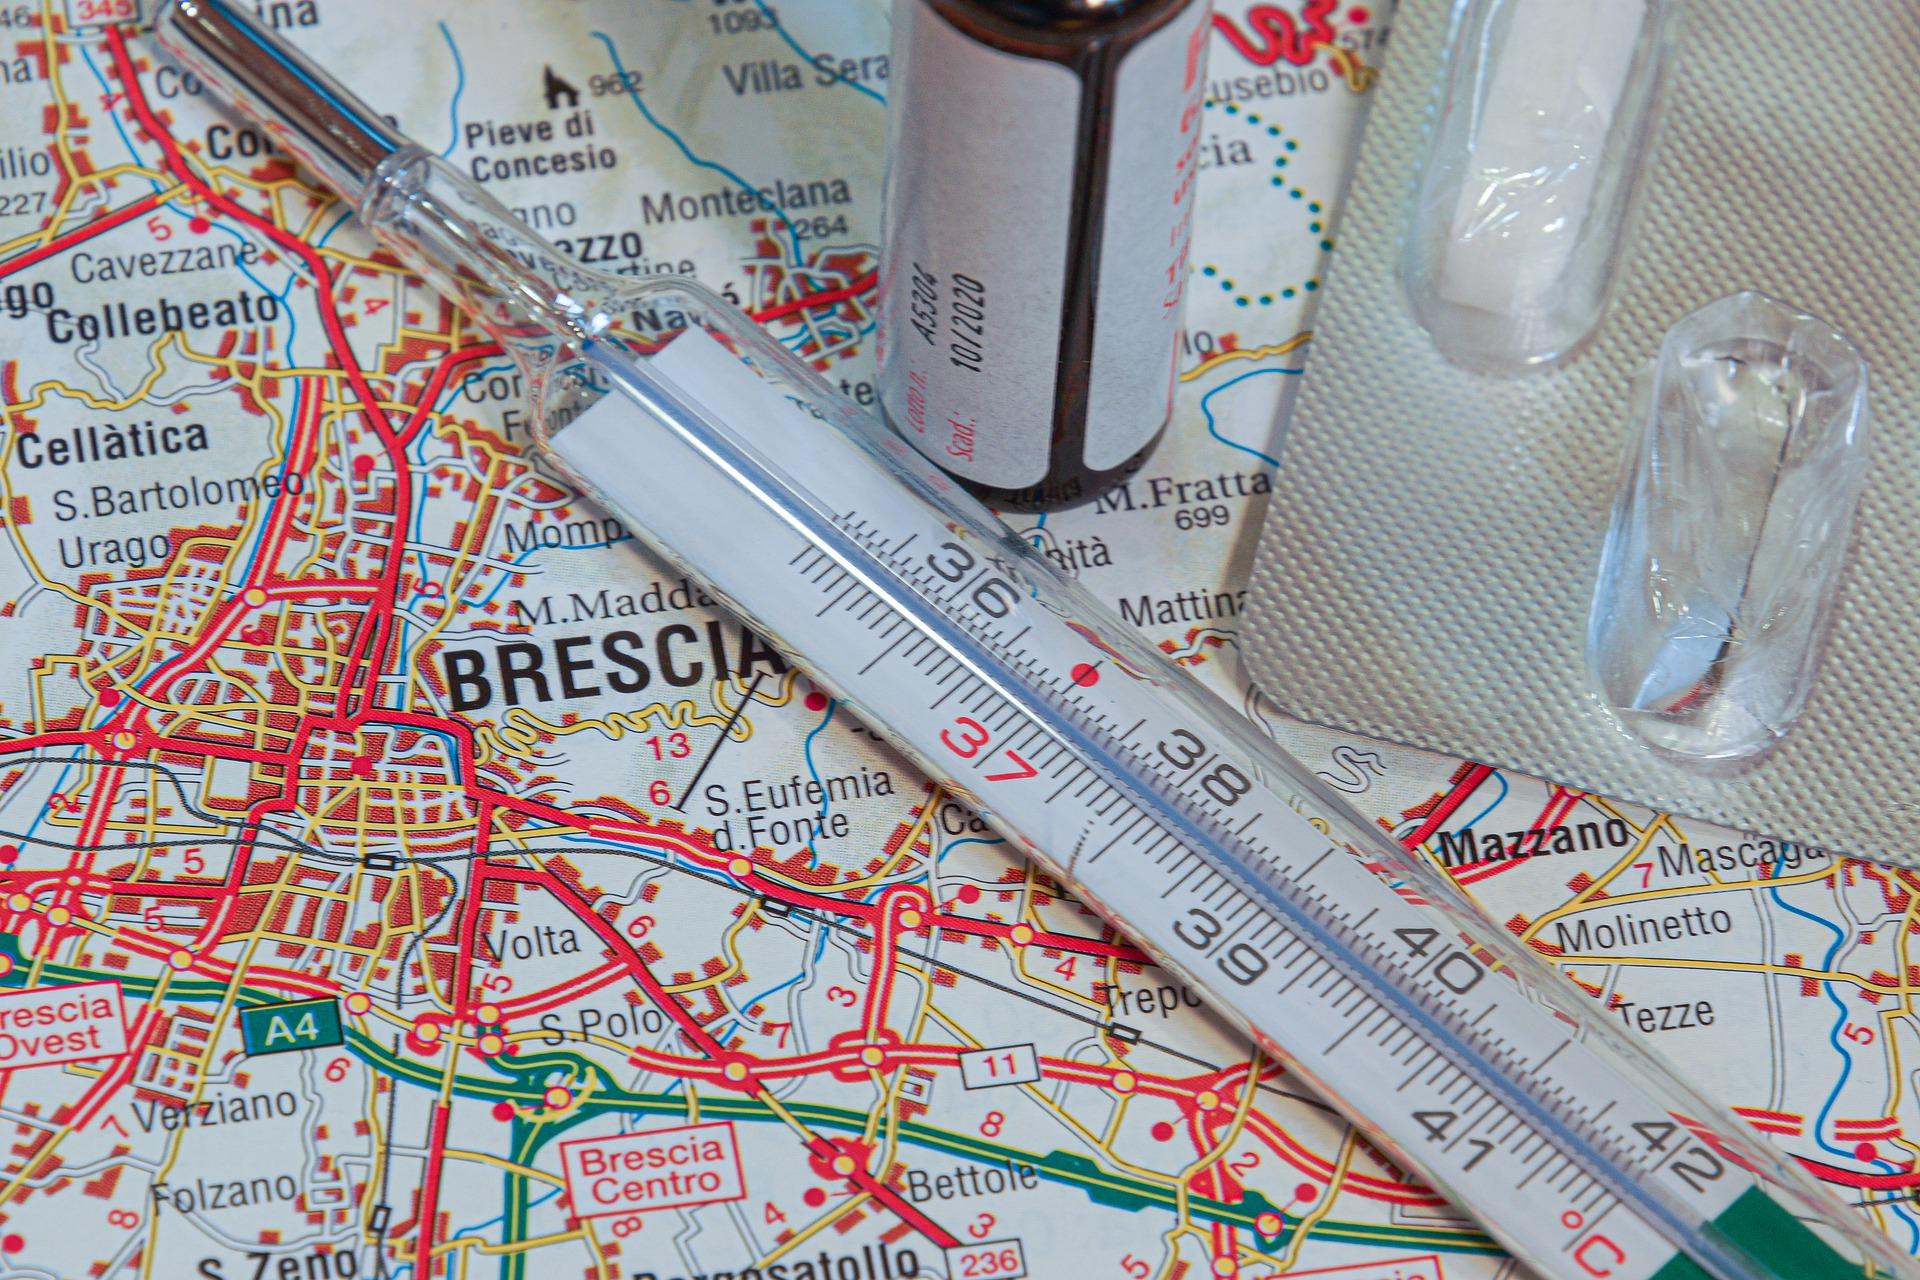 Val uiaș de îmbolnăviri în Europa cu COVID-19, Spania, Italia, Franța stare de urgență și carantinare